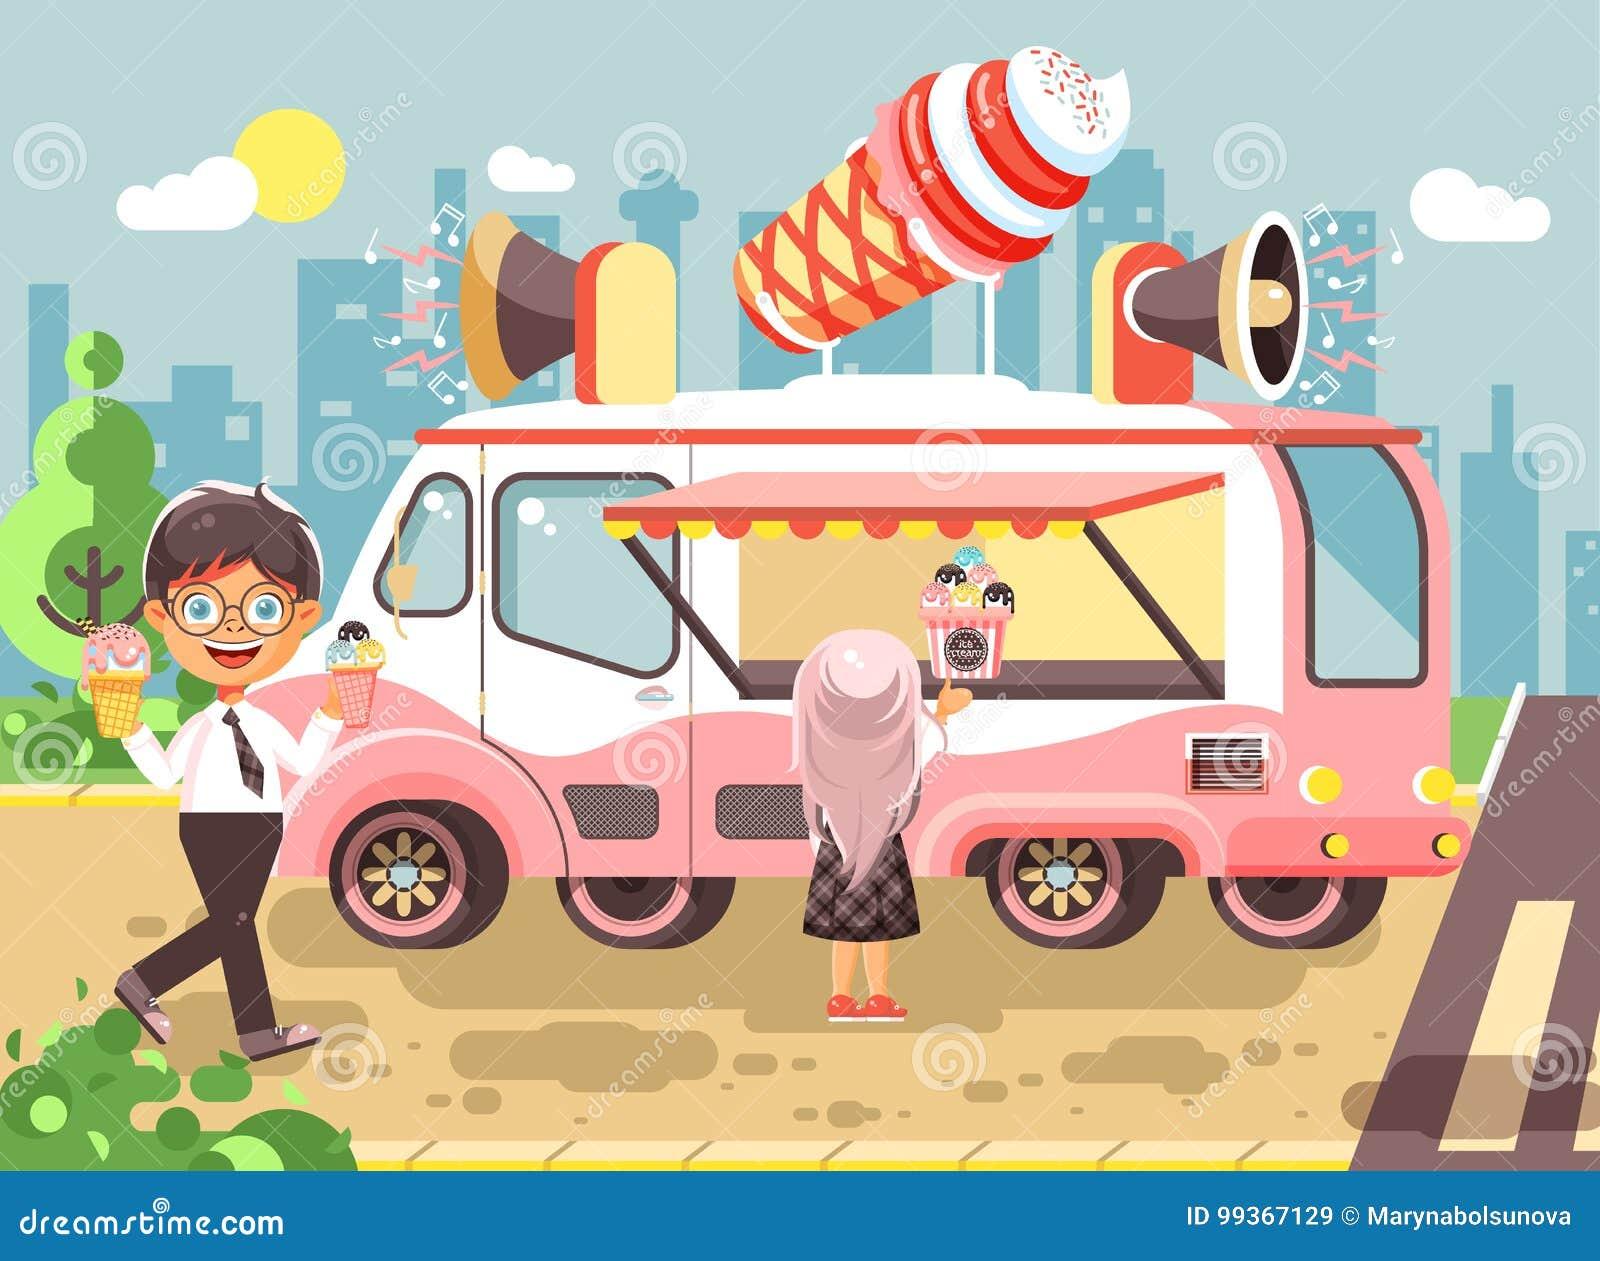 450f6299d77 Los niños, los alumnos, los colegiales y las colegialas comunes de los  personajes de dibujos animados del ejemplo del vector compran helado,  vainilla, ...